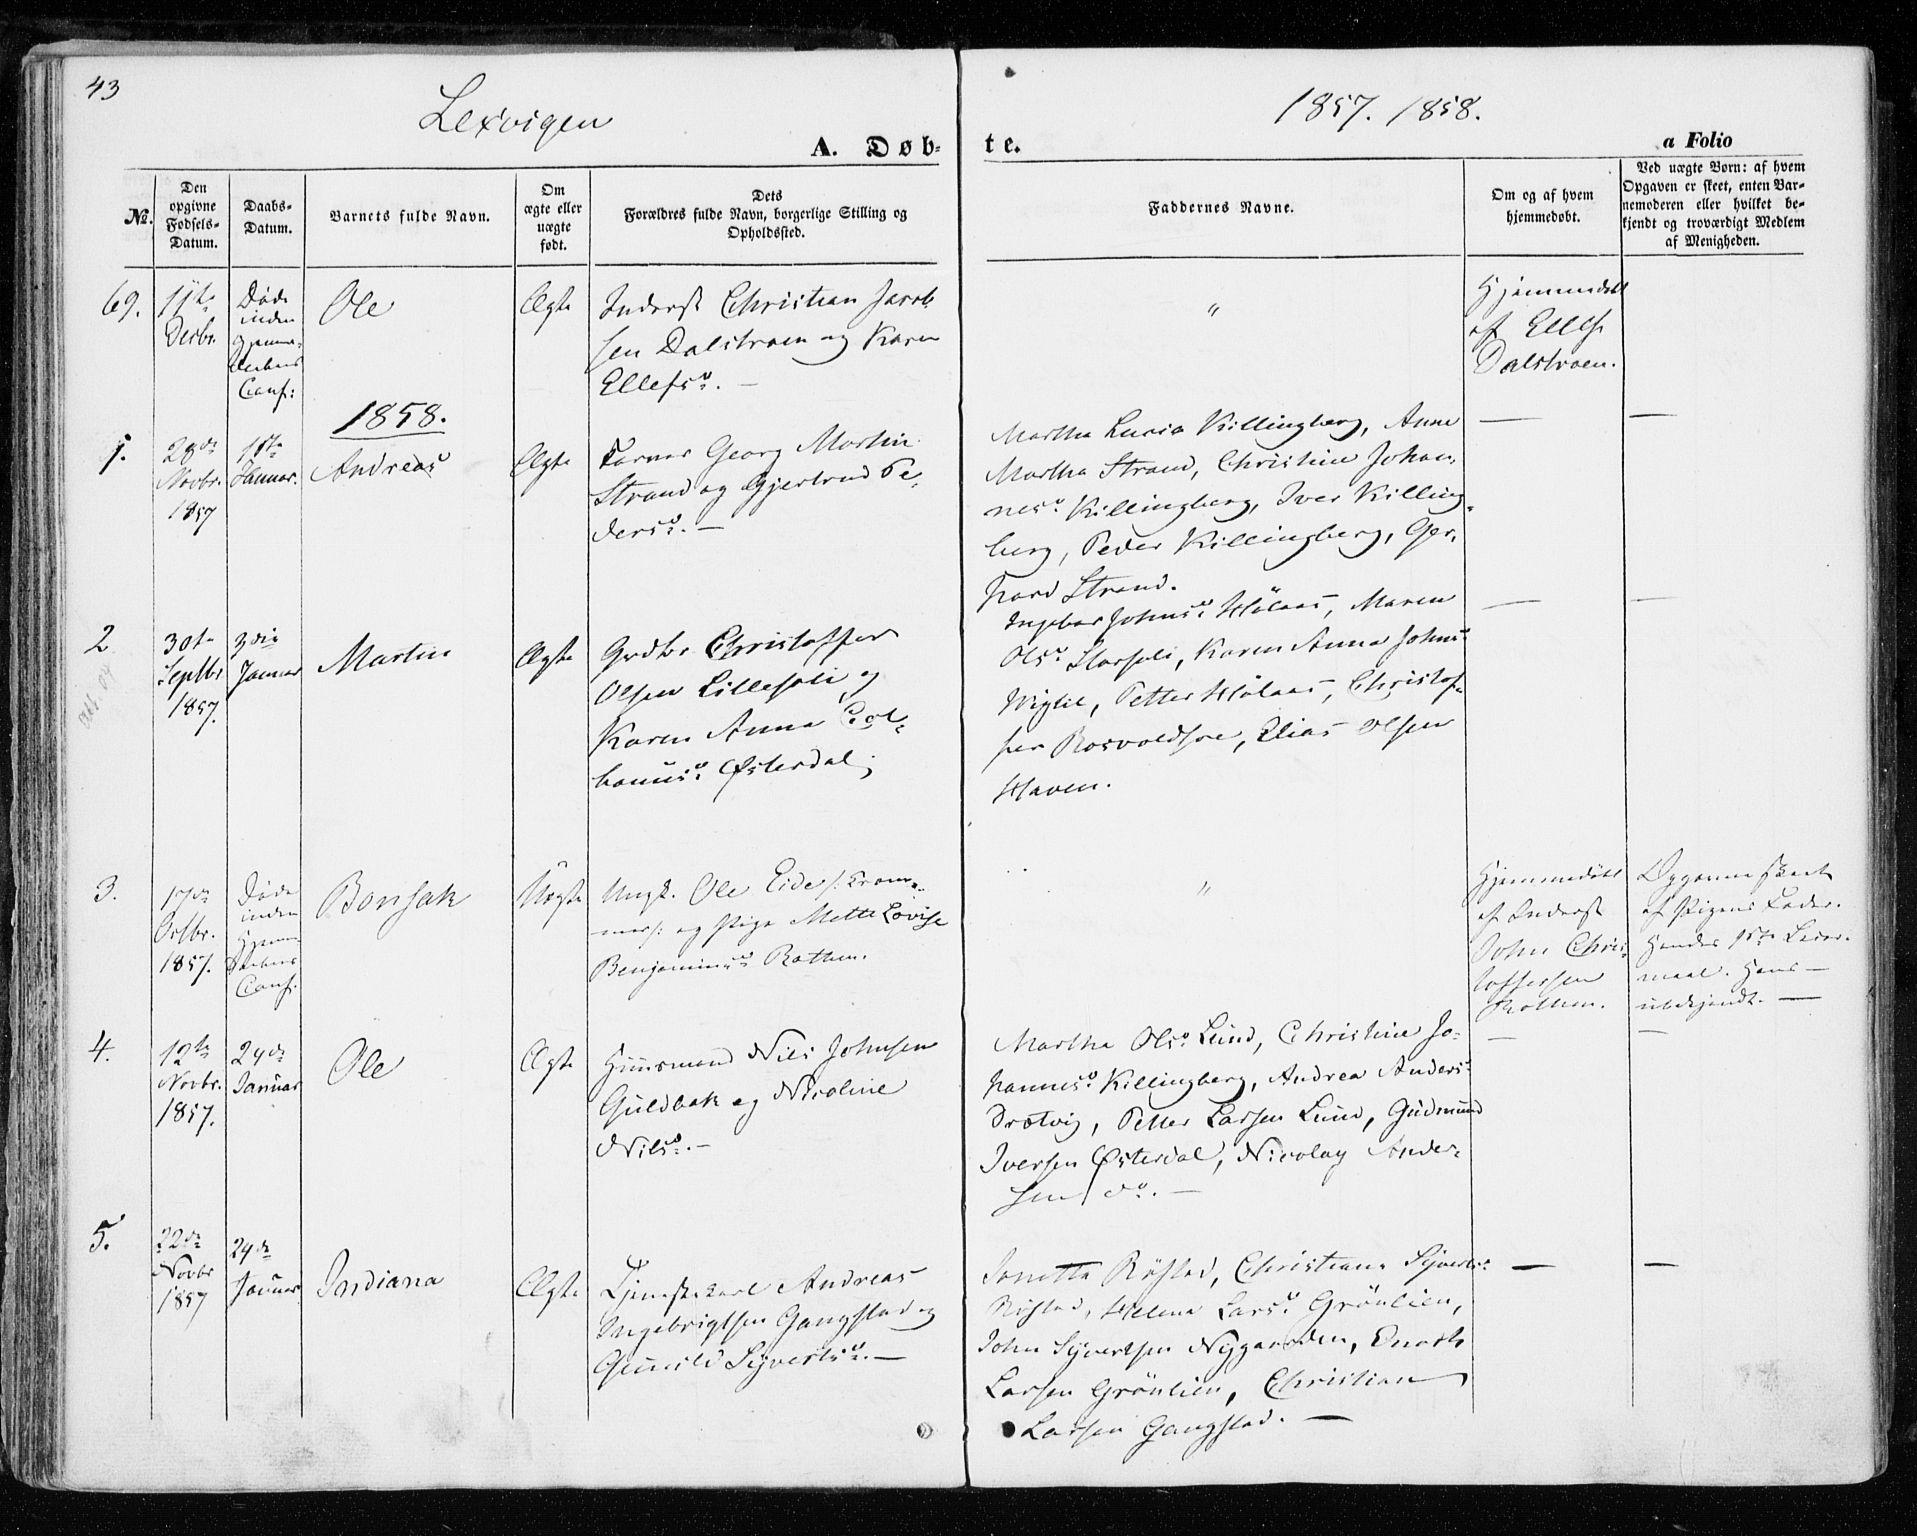 SAT, Ministerialprotokoller, klokkerbøker og fødselsregistre - Nord-Trøndelag, 701/L0008: Ministerialbok nr. 701A08 /1, 1854-1863, s. 43